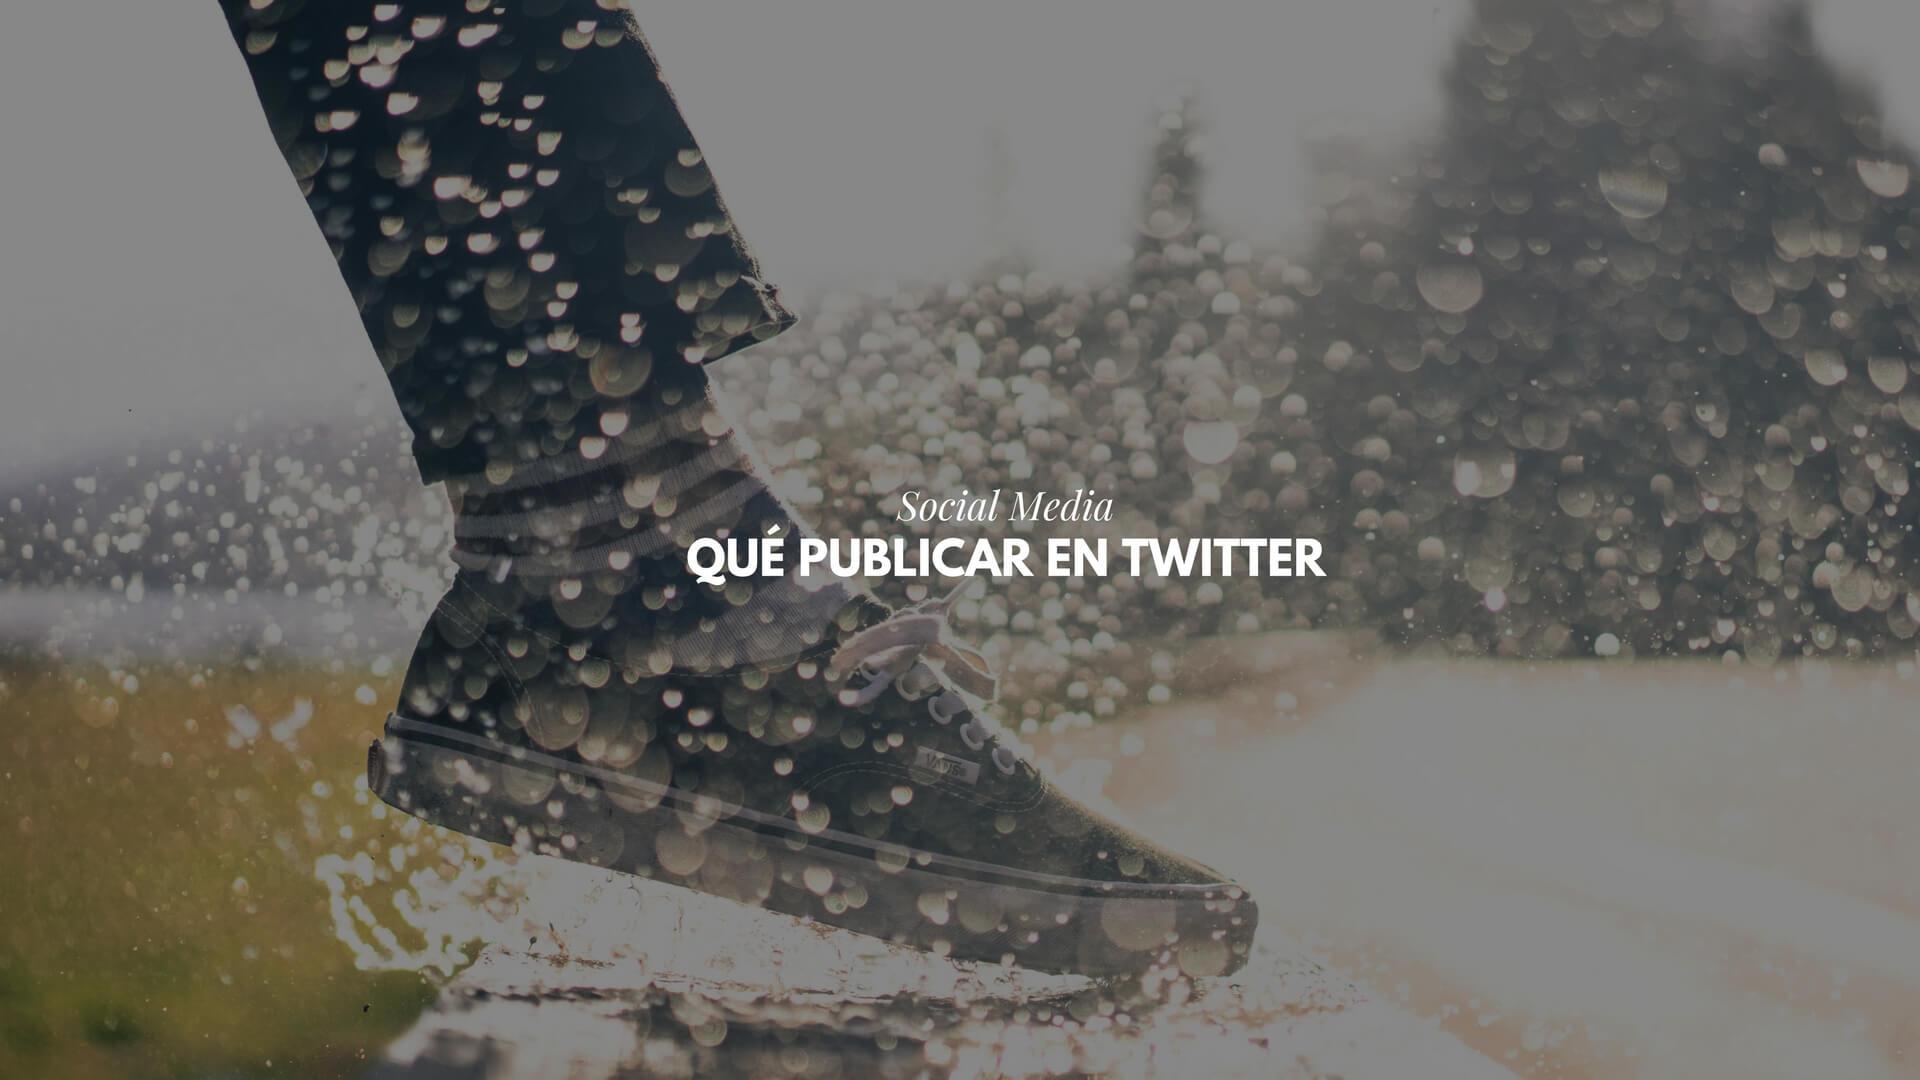 Qué publicar en Twitter : crea buen contenido para tu Twitter